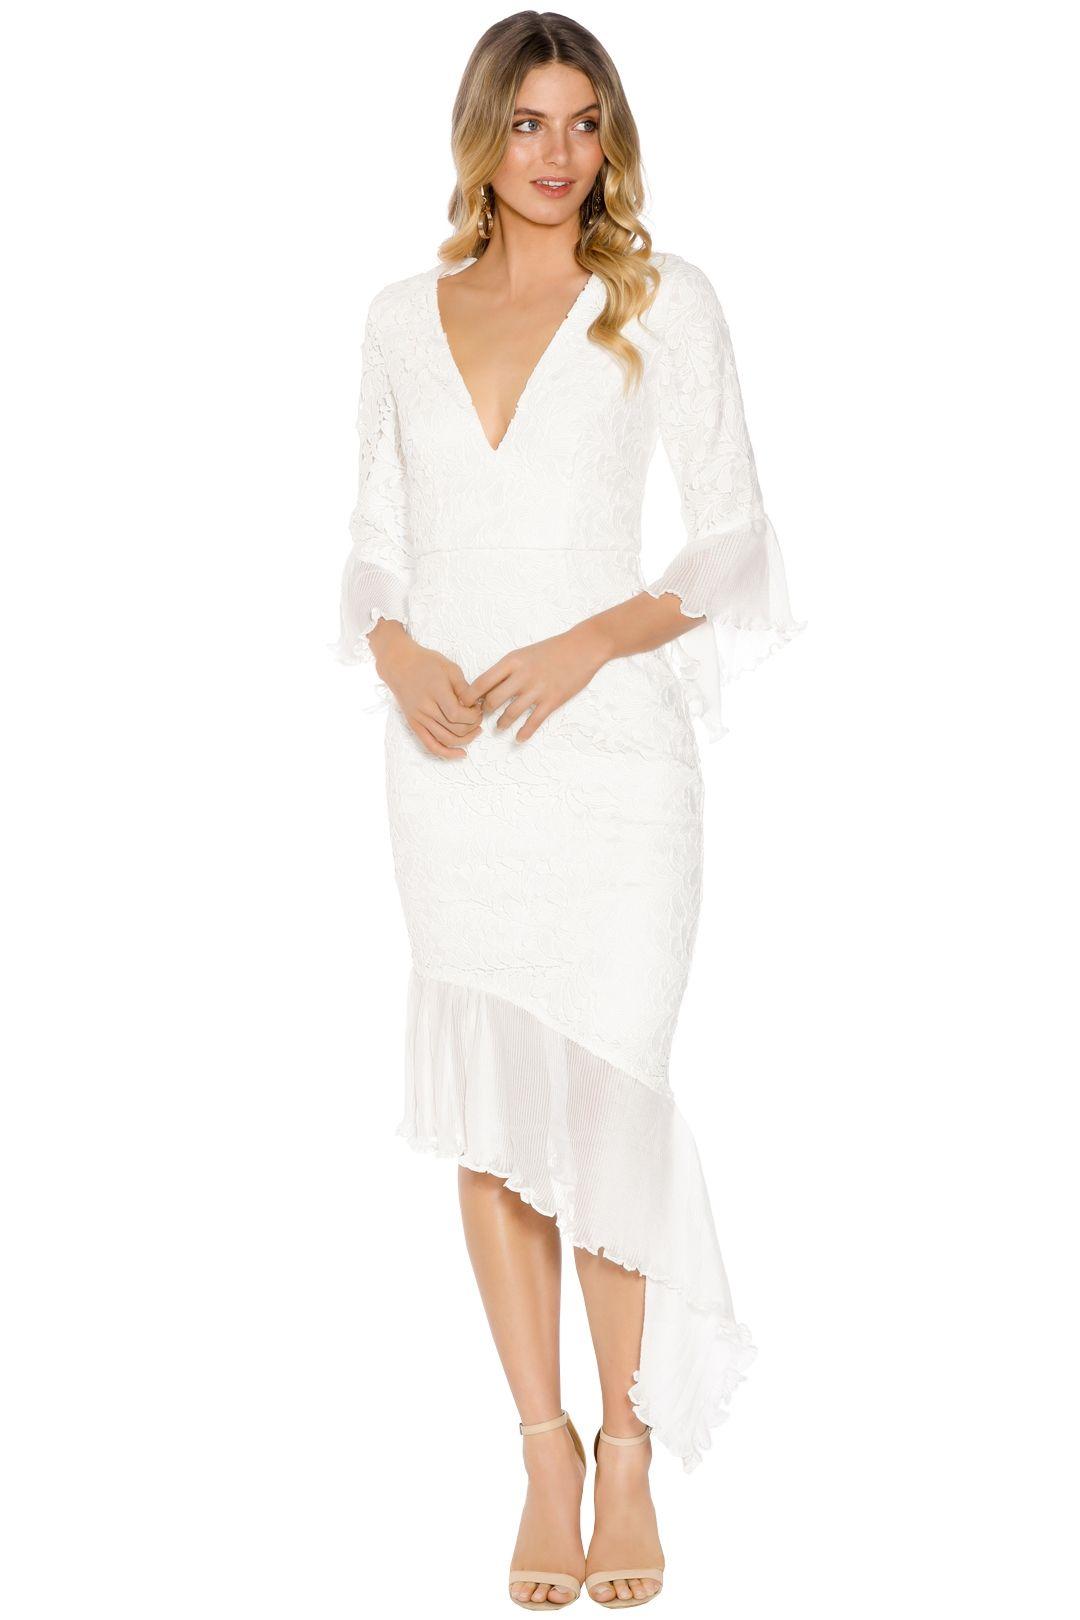 Talulah - Cassatt Midi Dress - White - Front